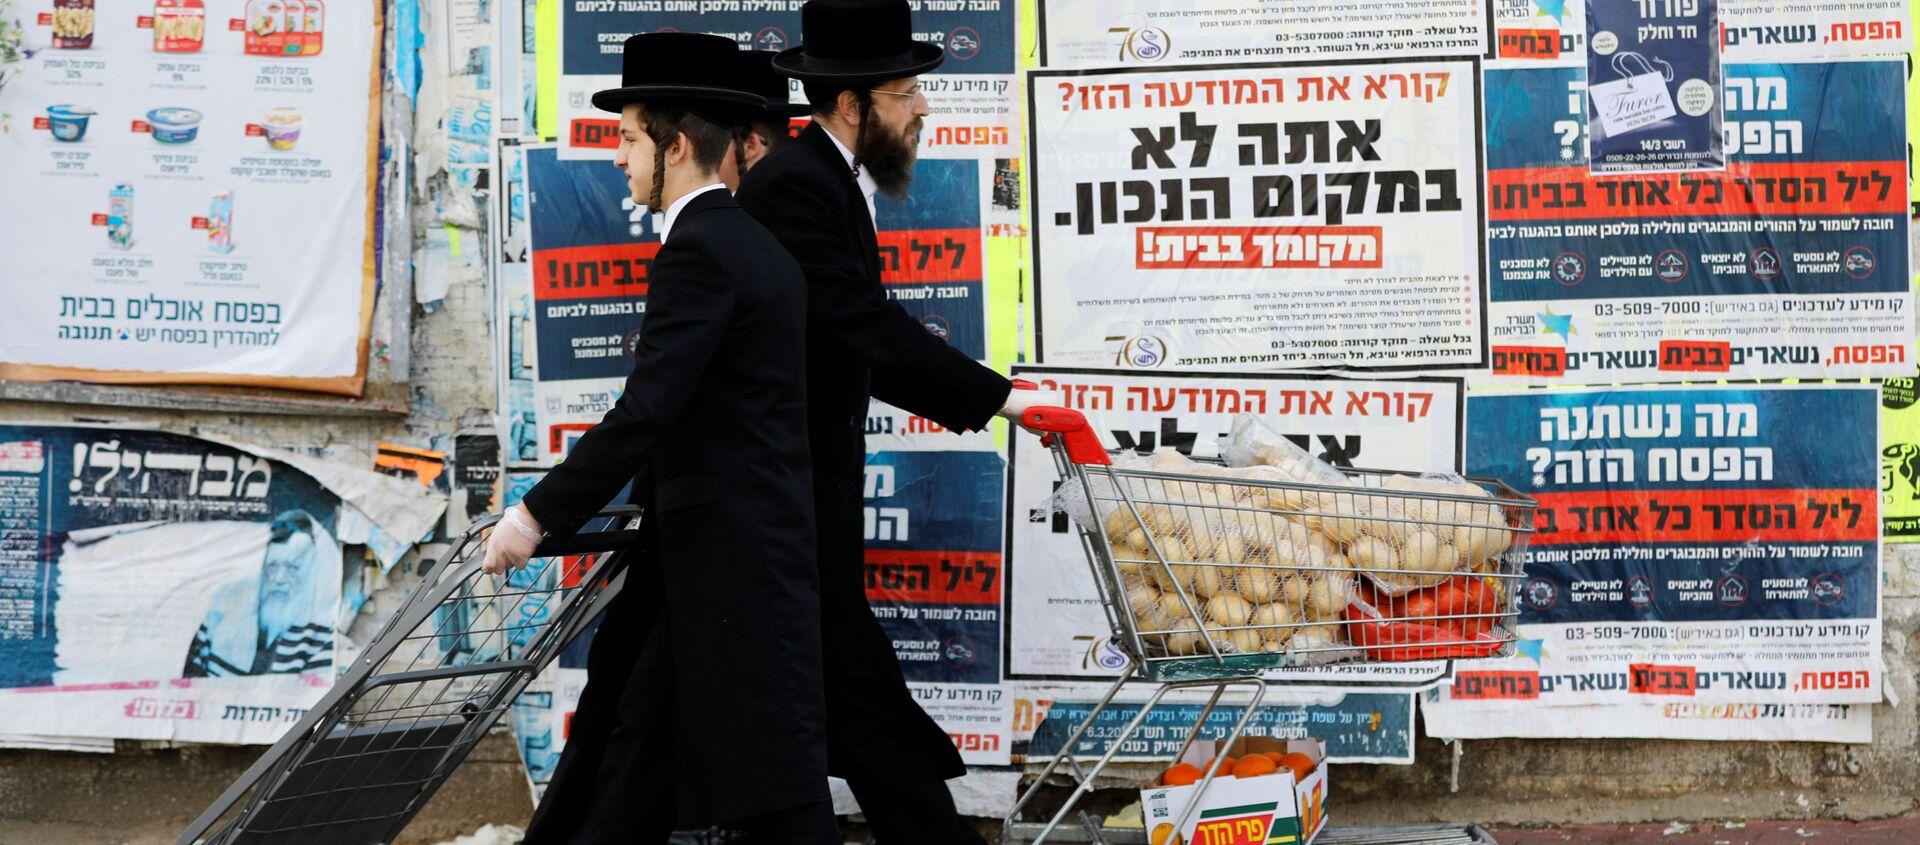 Ультраортодоксальные евреи проходят мимо информационных щитов, призывающих оставаться дома из-за коронавируса в Ашдоде, Израиль - Sputnik Узбекистан, 1920, 21.07.2020